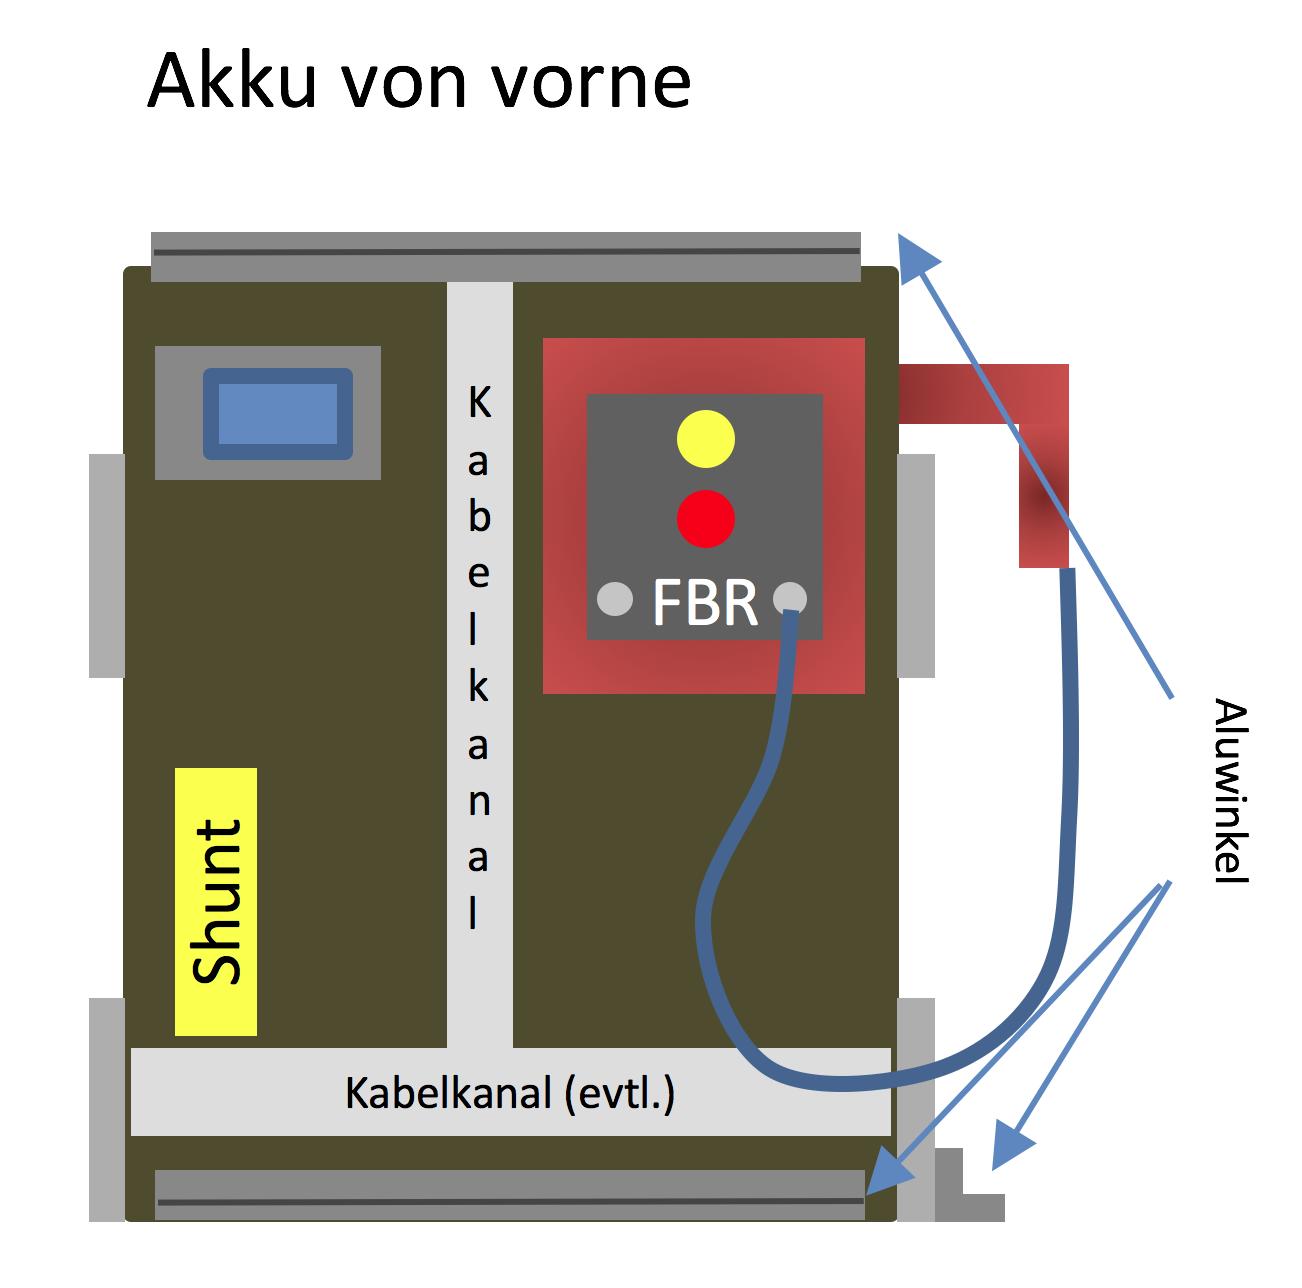 Bau-Anleitung für einen LiFeYPo4 Akku -